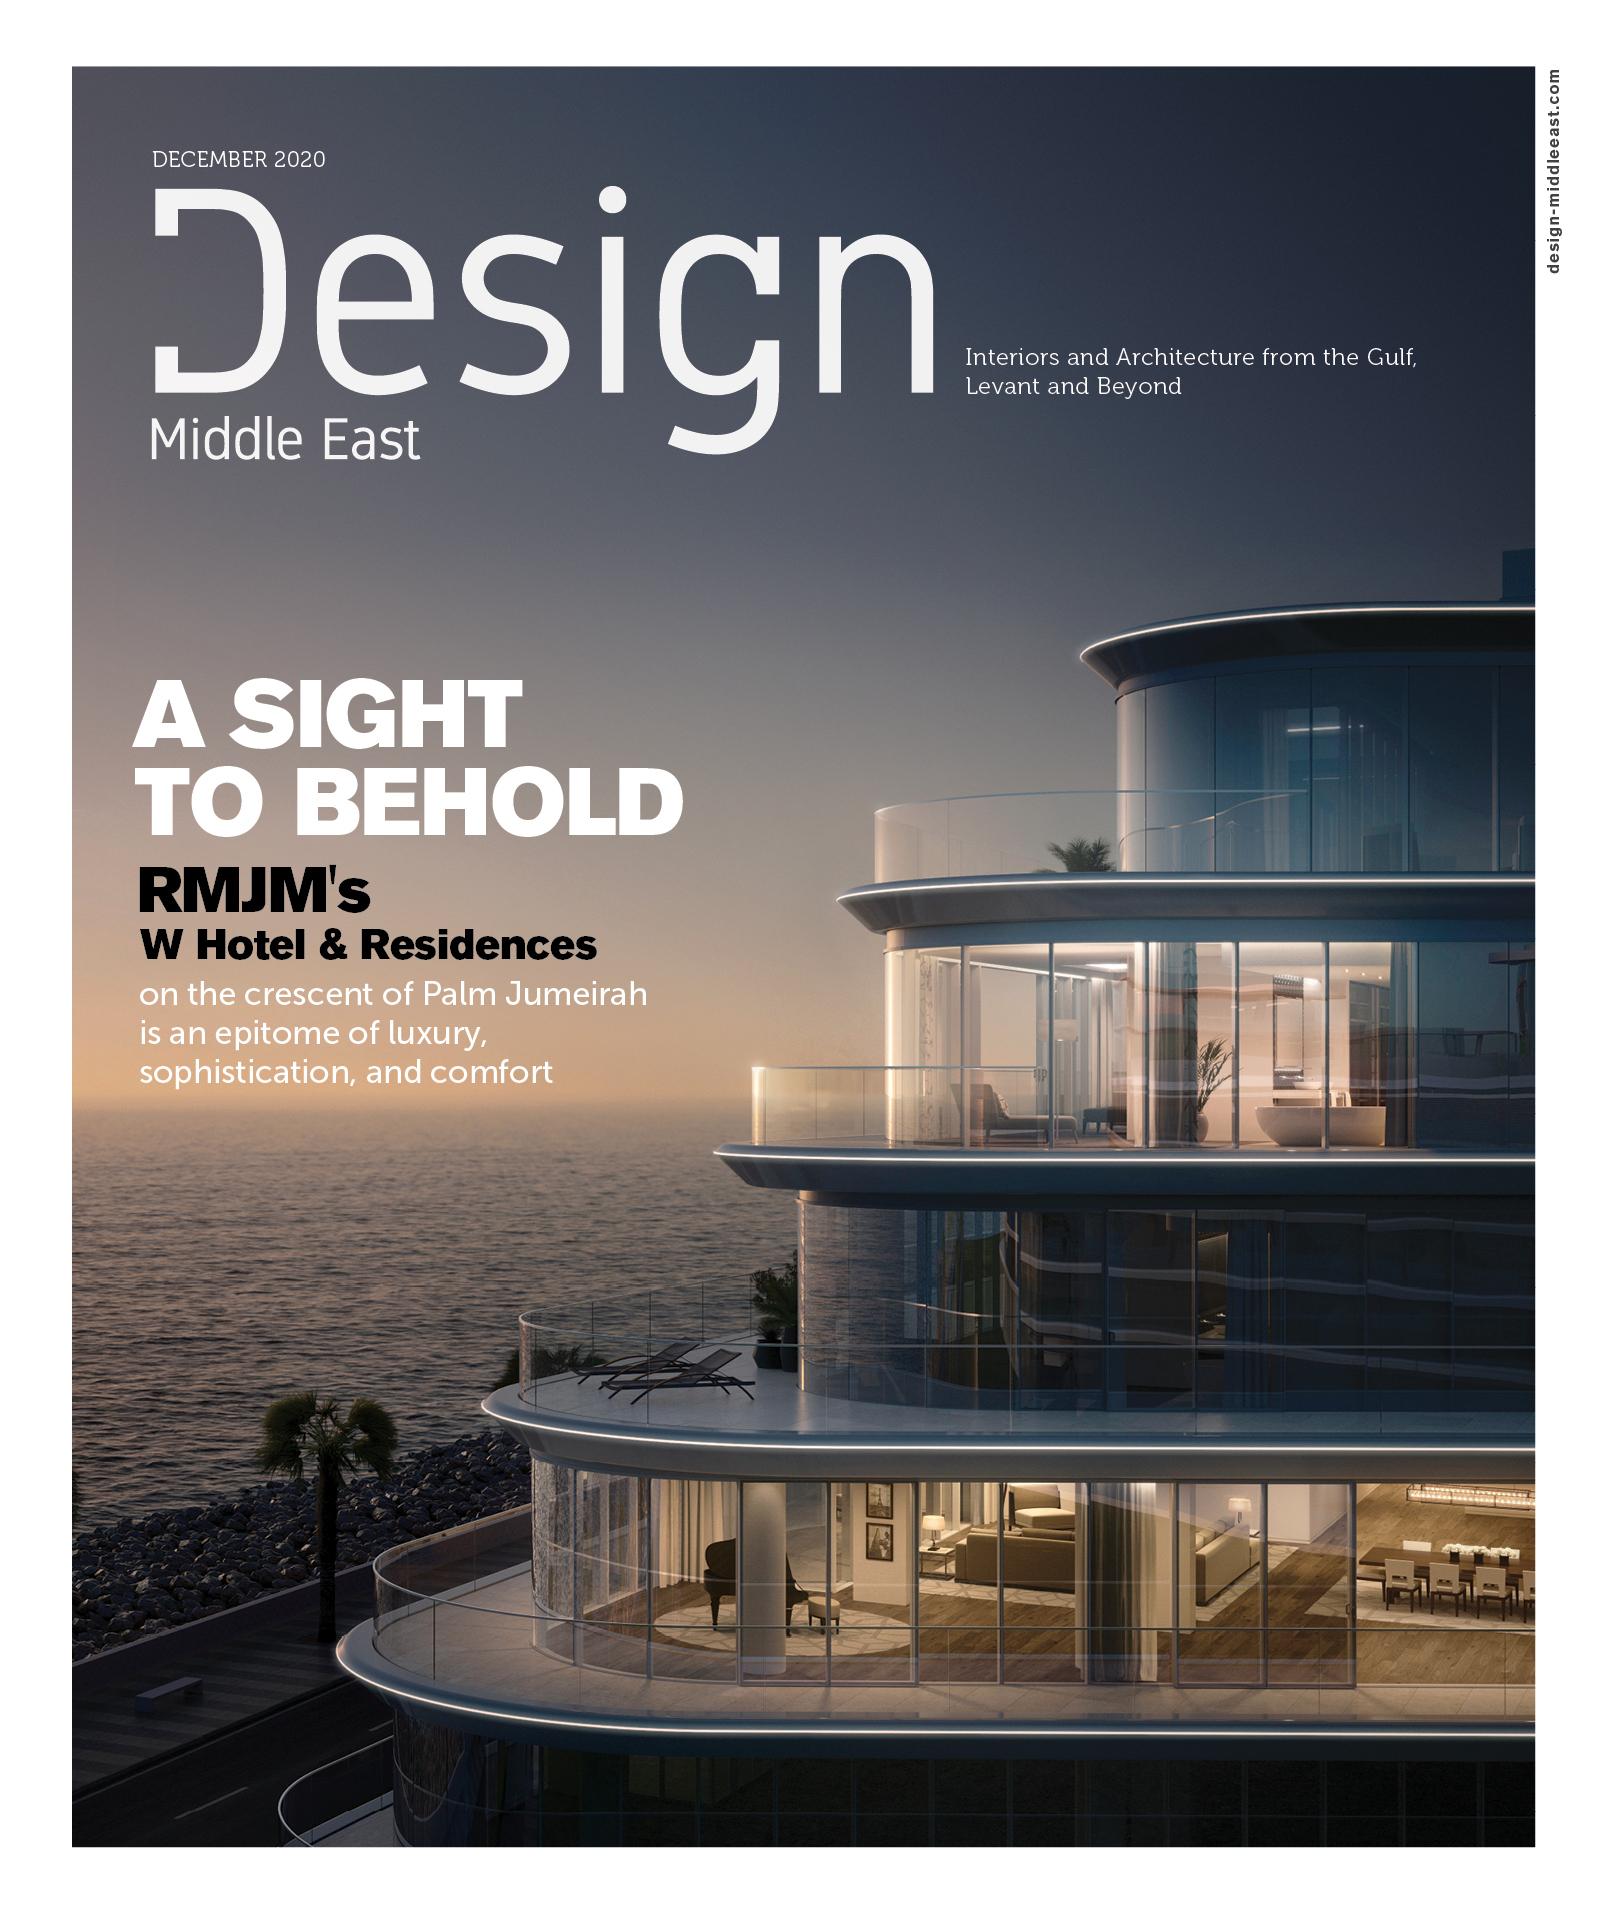 Design Middle East December 2020